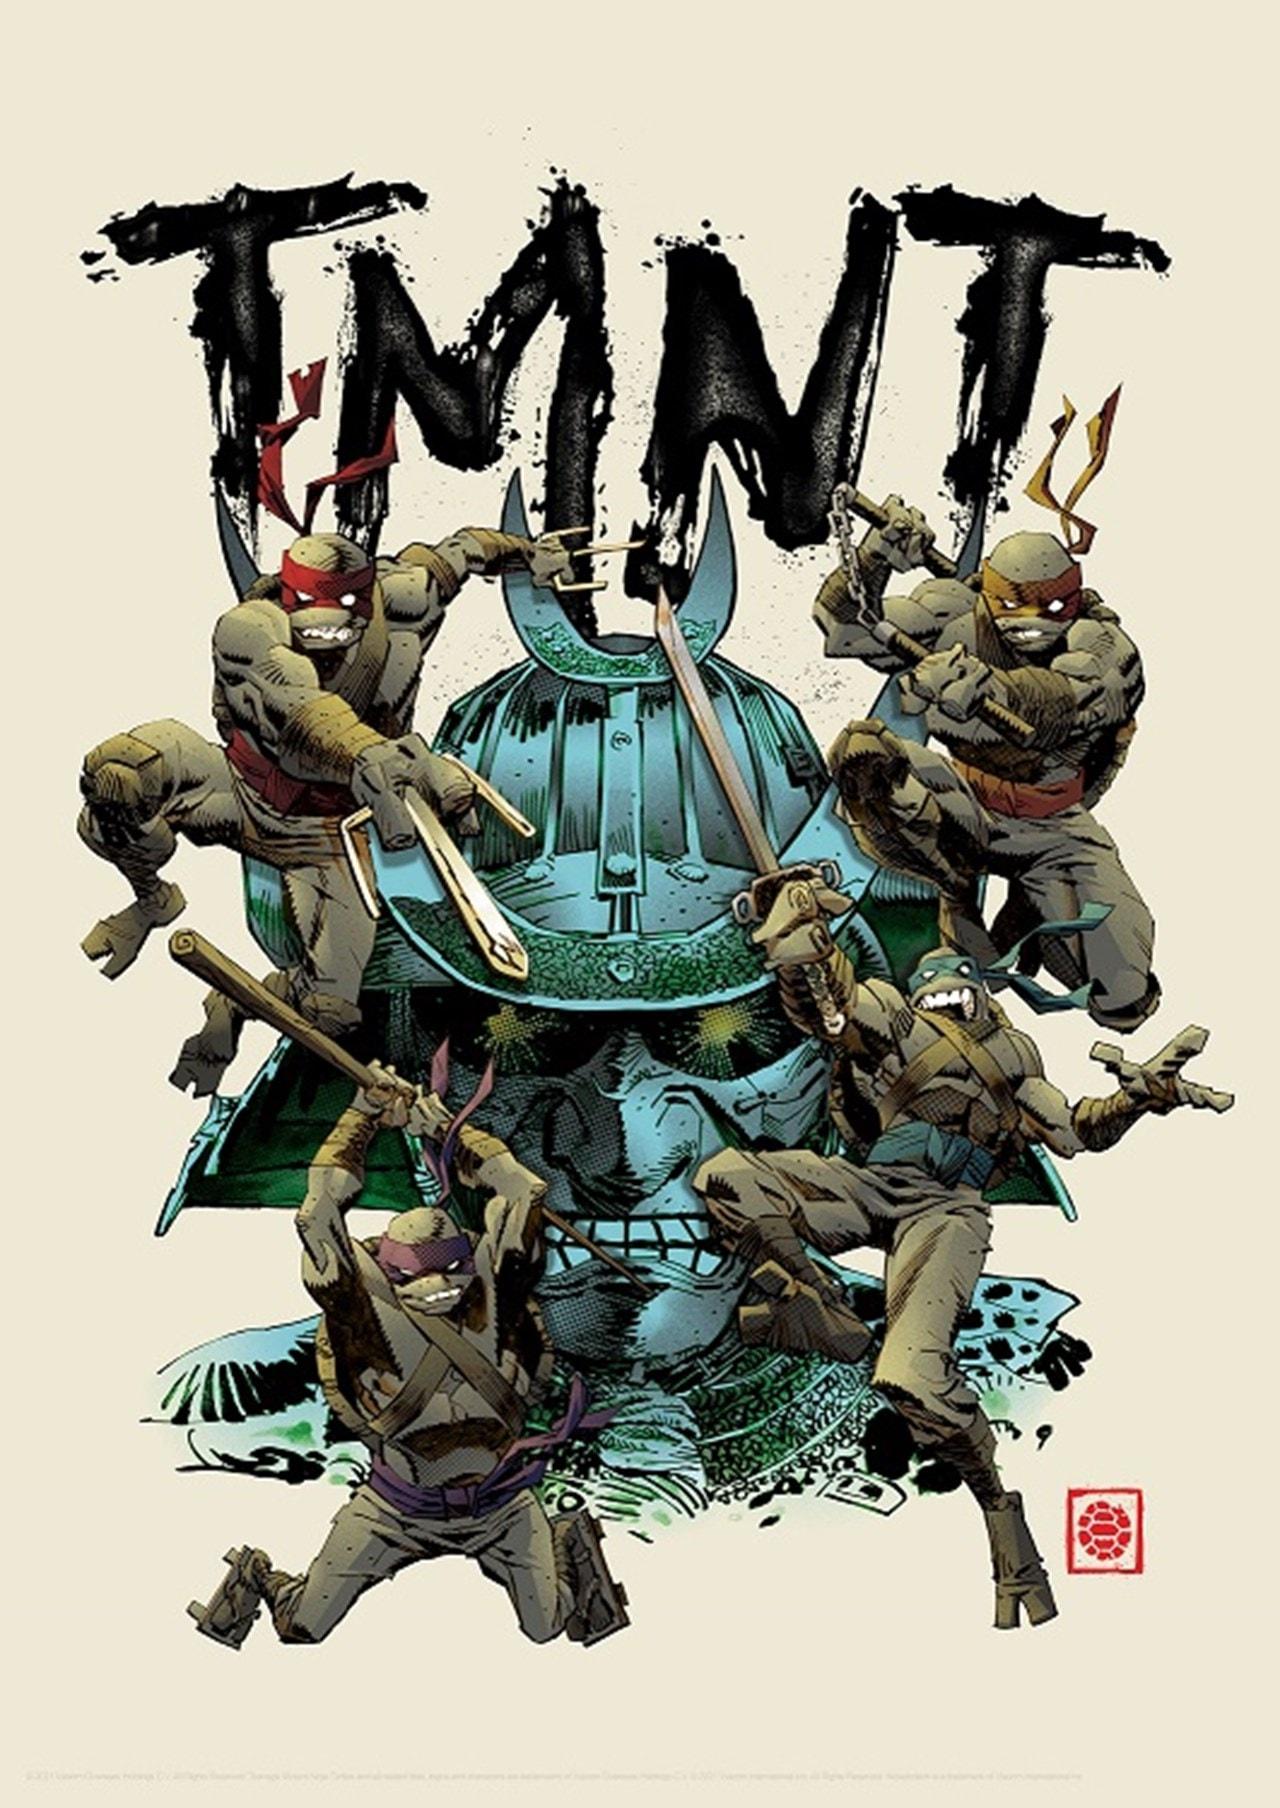 Teenage Mutant Ninja Turtles Limited Edition Art Print (hmv Exclusive) - 1